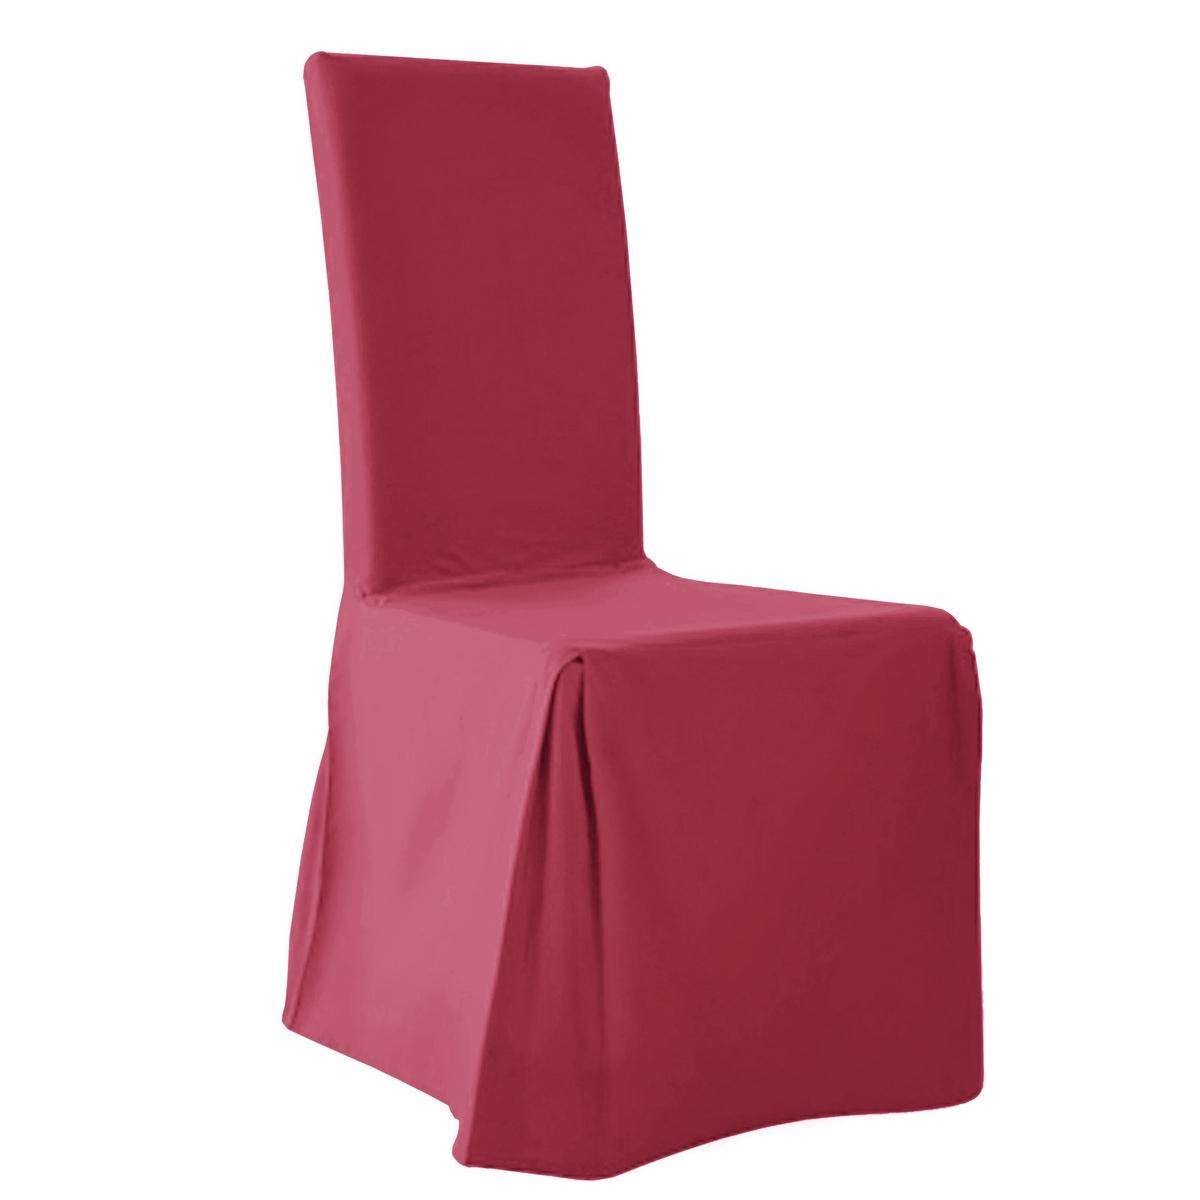 2 чехла для стулаСтильная модель выполнена в ультрасовременной цветовой гамме.Характеристика чехла для стула:- Красивая плотная ткань из 100% хлопка (220 г/м?), прочная и тяжелая. Стильная цветовая гамма.- Изысканная отделка: 2 встречные складки спереди, встречная складка и бант сзади. Качественная окраска: превосходная стойкость цвета перед воздействием солнечных лучей и стирки (40°).Размеры чехла для стула:- Спинка: общая высота 55 см, толщина 5 см, ширина 37 см.- Сидение: ширина от 37 до 45 см x глубина 40 см.- Юбка: высота 45 см.В комплекте 2 чехла одного цвета.Качество VALEUR SURE. Производство осуществляется с учетом стандартов по защите окружающей среды и здоровья человека, что подтверждено сертификатом Oeko-tex®.<br><br>Цвет: белый,медовый,серо-коричневый,серый жемчужный,сине-зеленый,синий индиго,сливовый,темно-серый,черный,экрю<br>Размер: единый размер.единый размер.единый размер